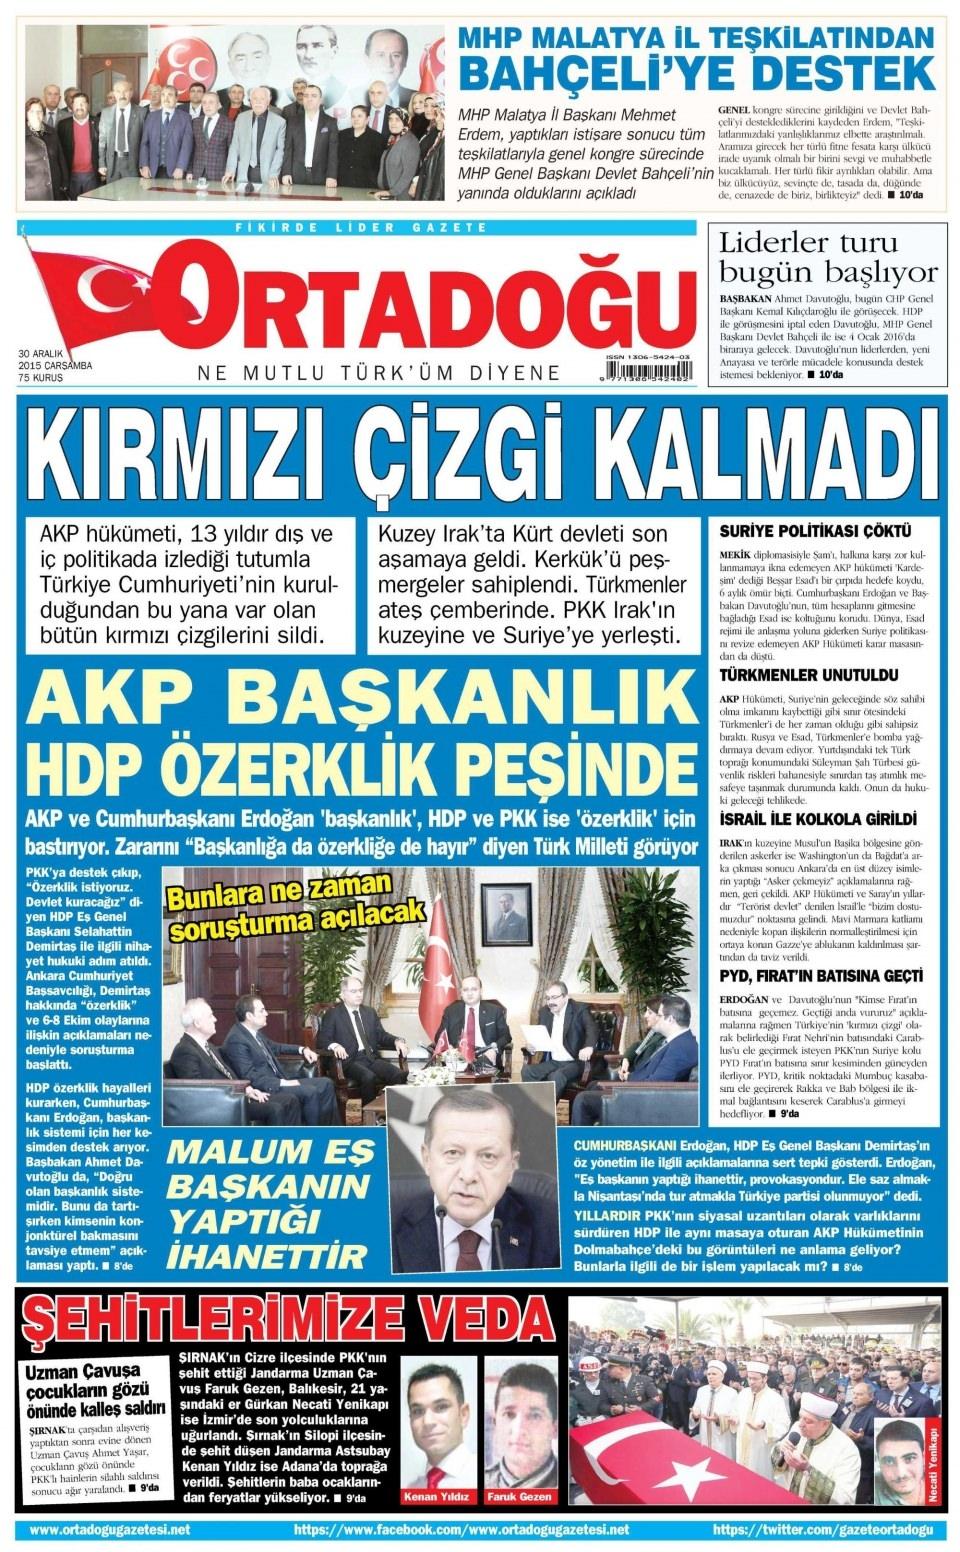 30 Aralık 2015 gazete manşetleri 20